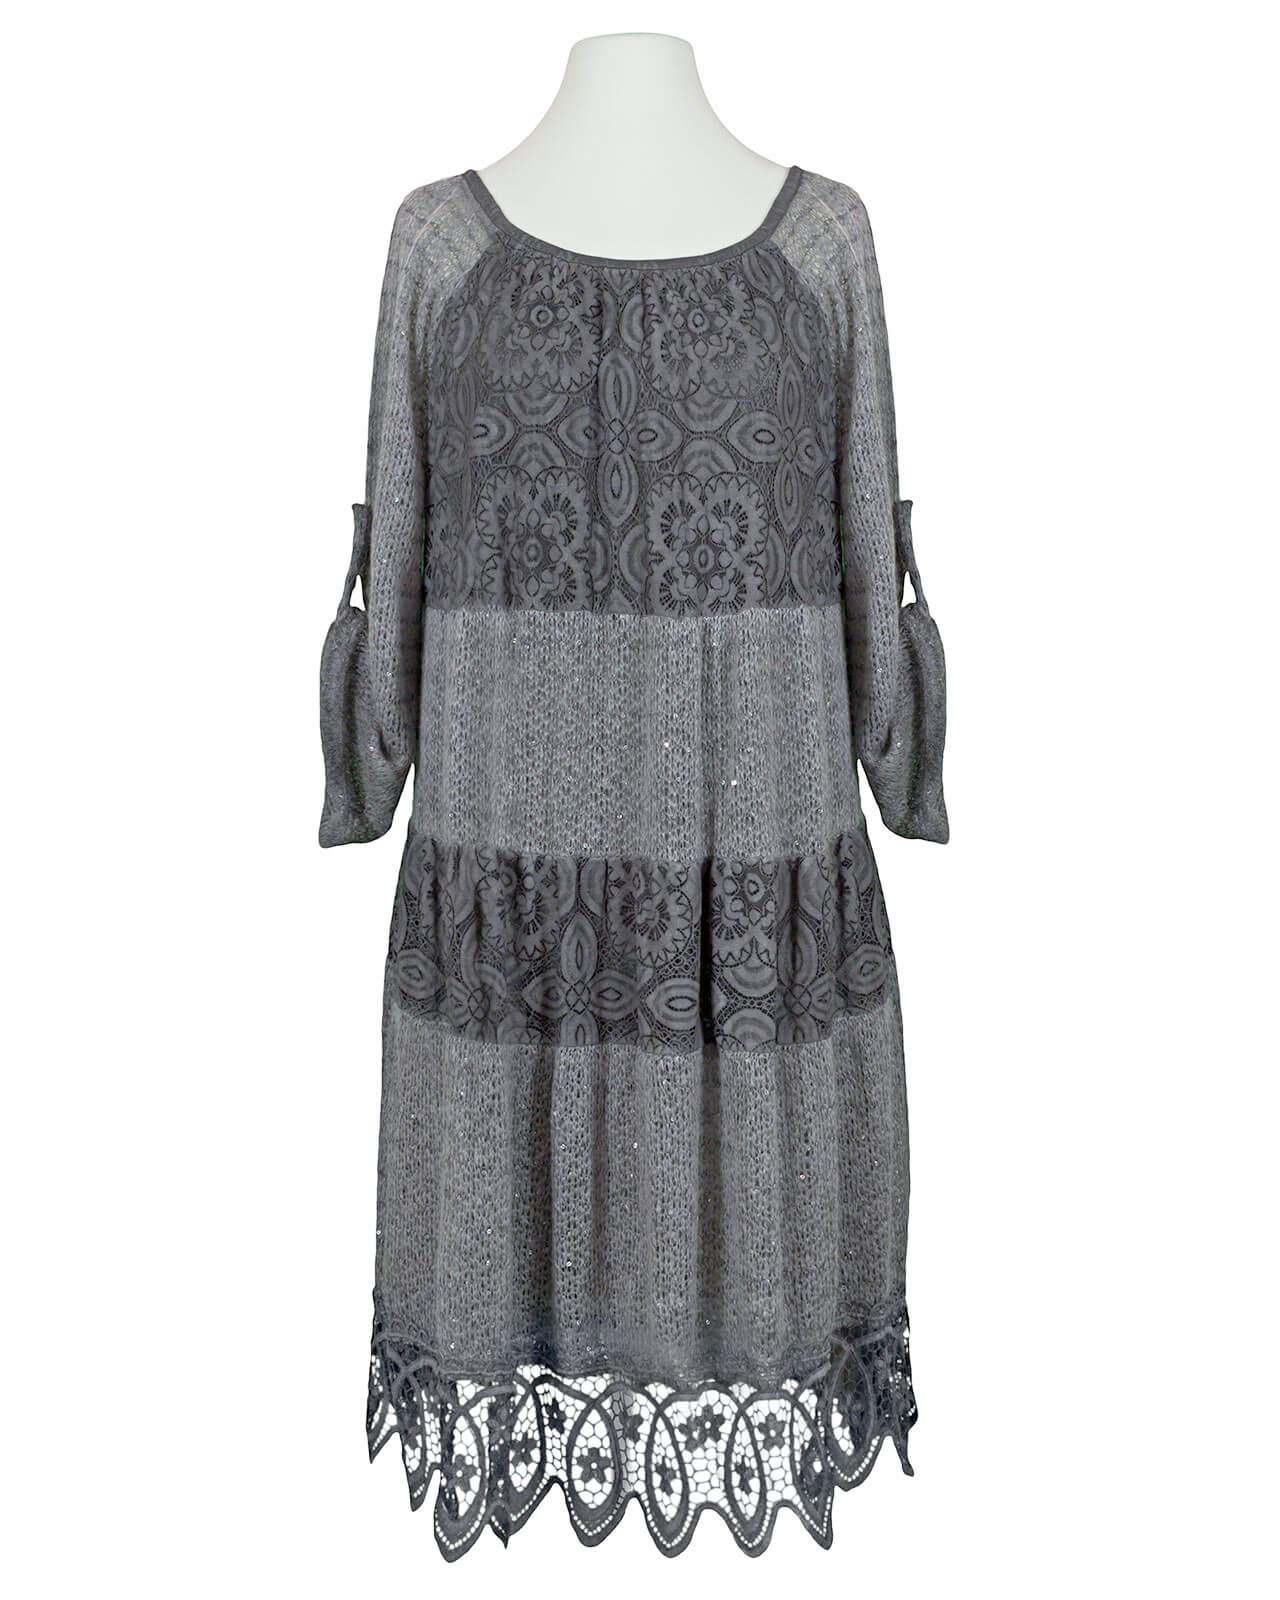 Kleid mit Spitze, grau von Spaziodonna | meinkleidchen